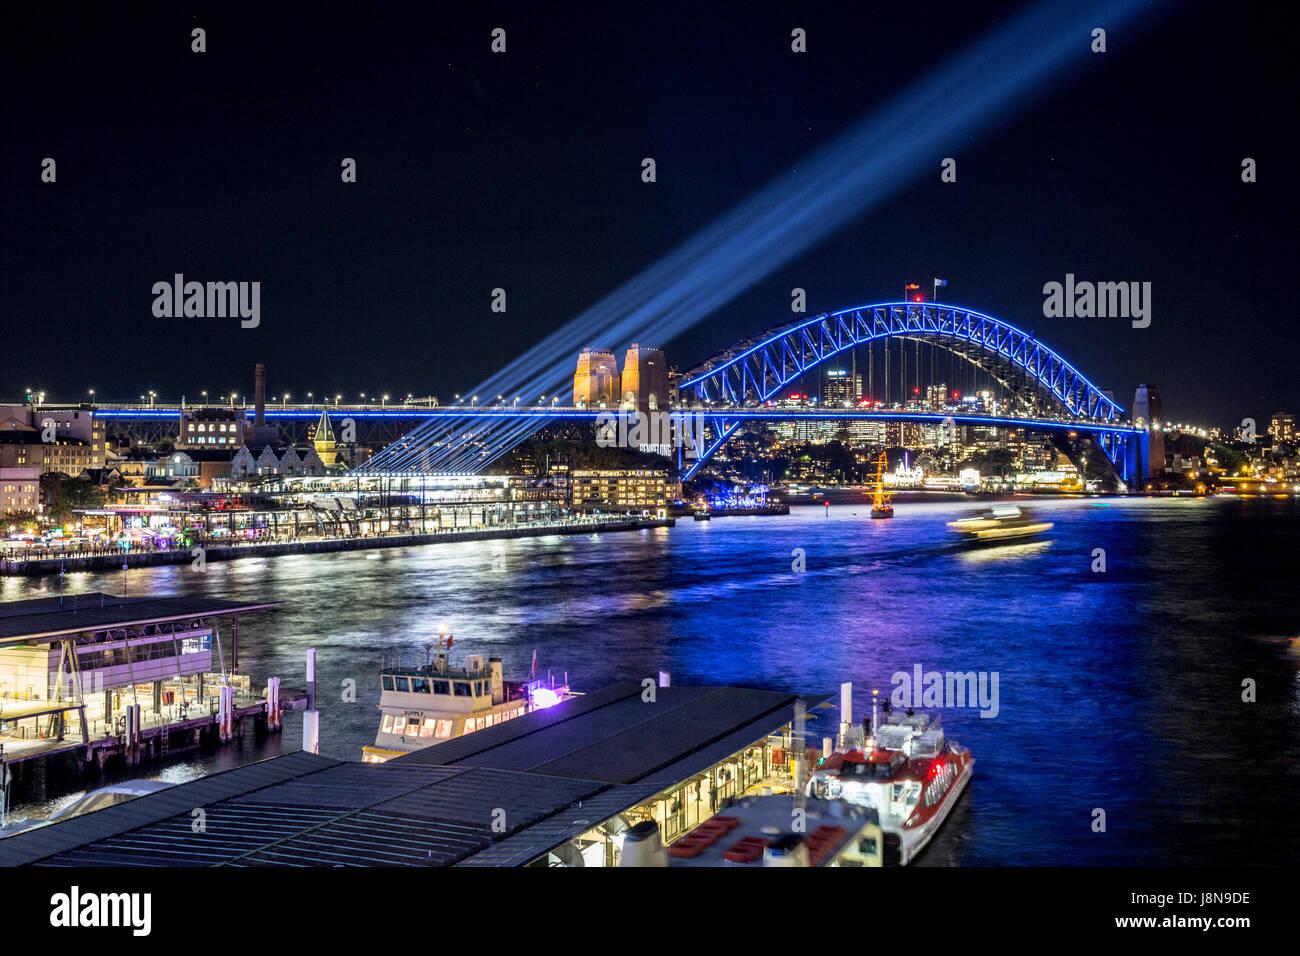 Sydney, Australien, Dienstag 30. Mai 2017.Sydney Harbour Bridge und Vivid Sydney Lichtshow am Circular Quay. Bildnachweis: Stockbild